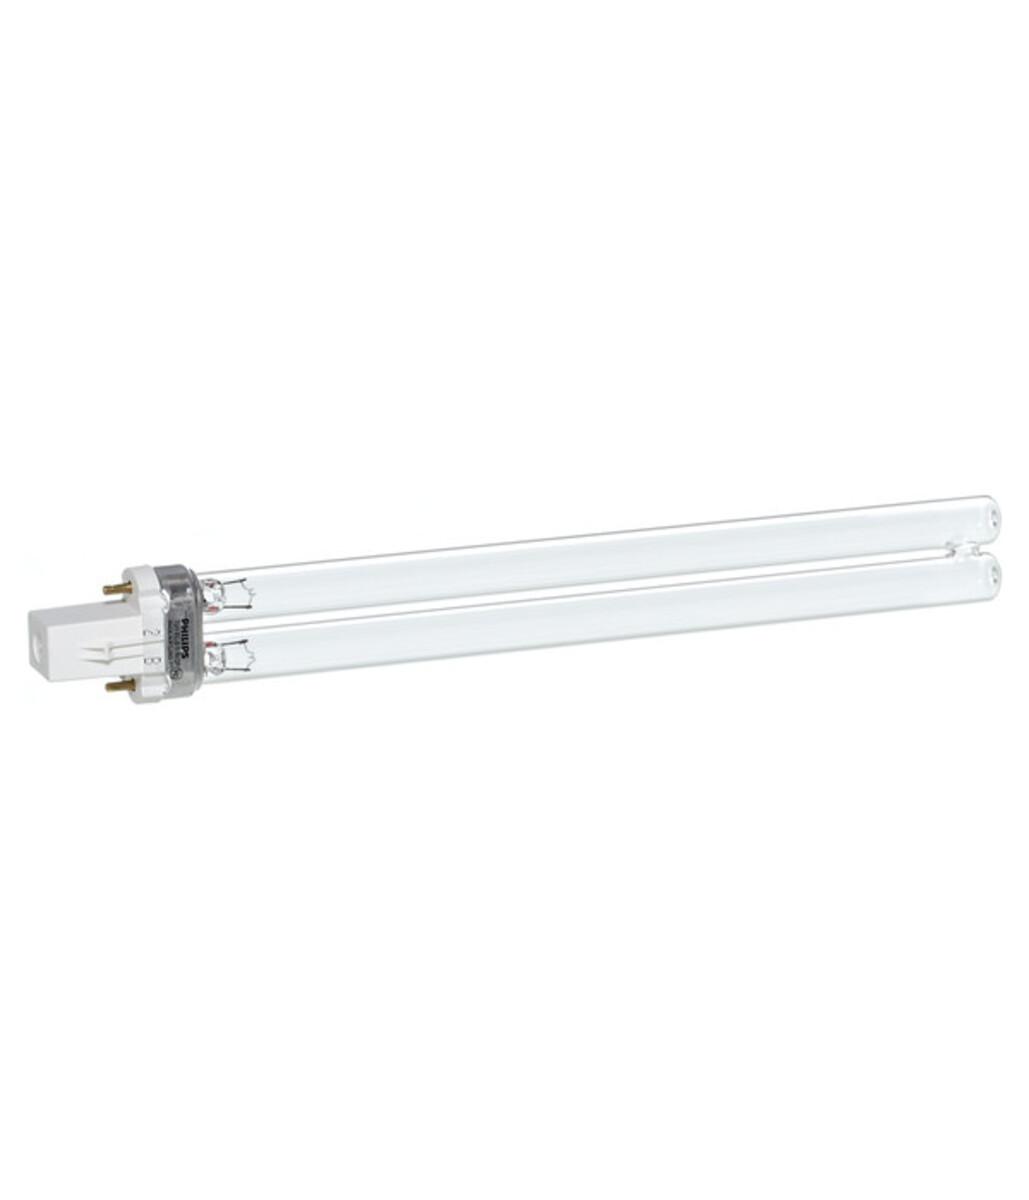 Bild 1 von Oase UVC Ersatzlampe, 11 W